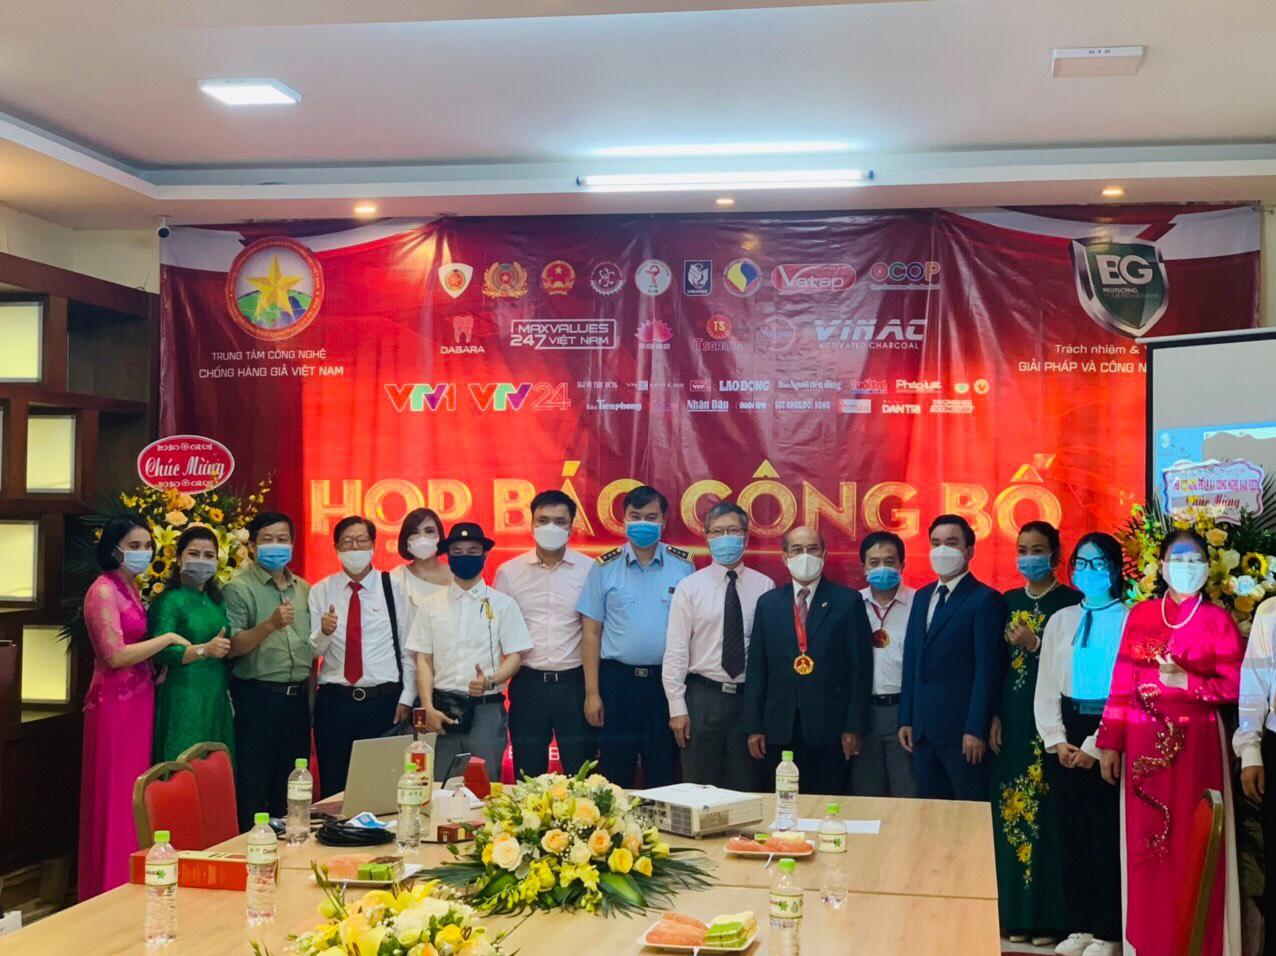 Các đại biểu tham dự cùng chụp ảnh lưu niệm tại sự kiện.